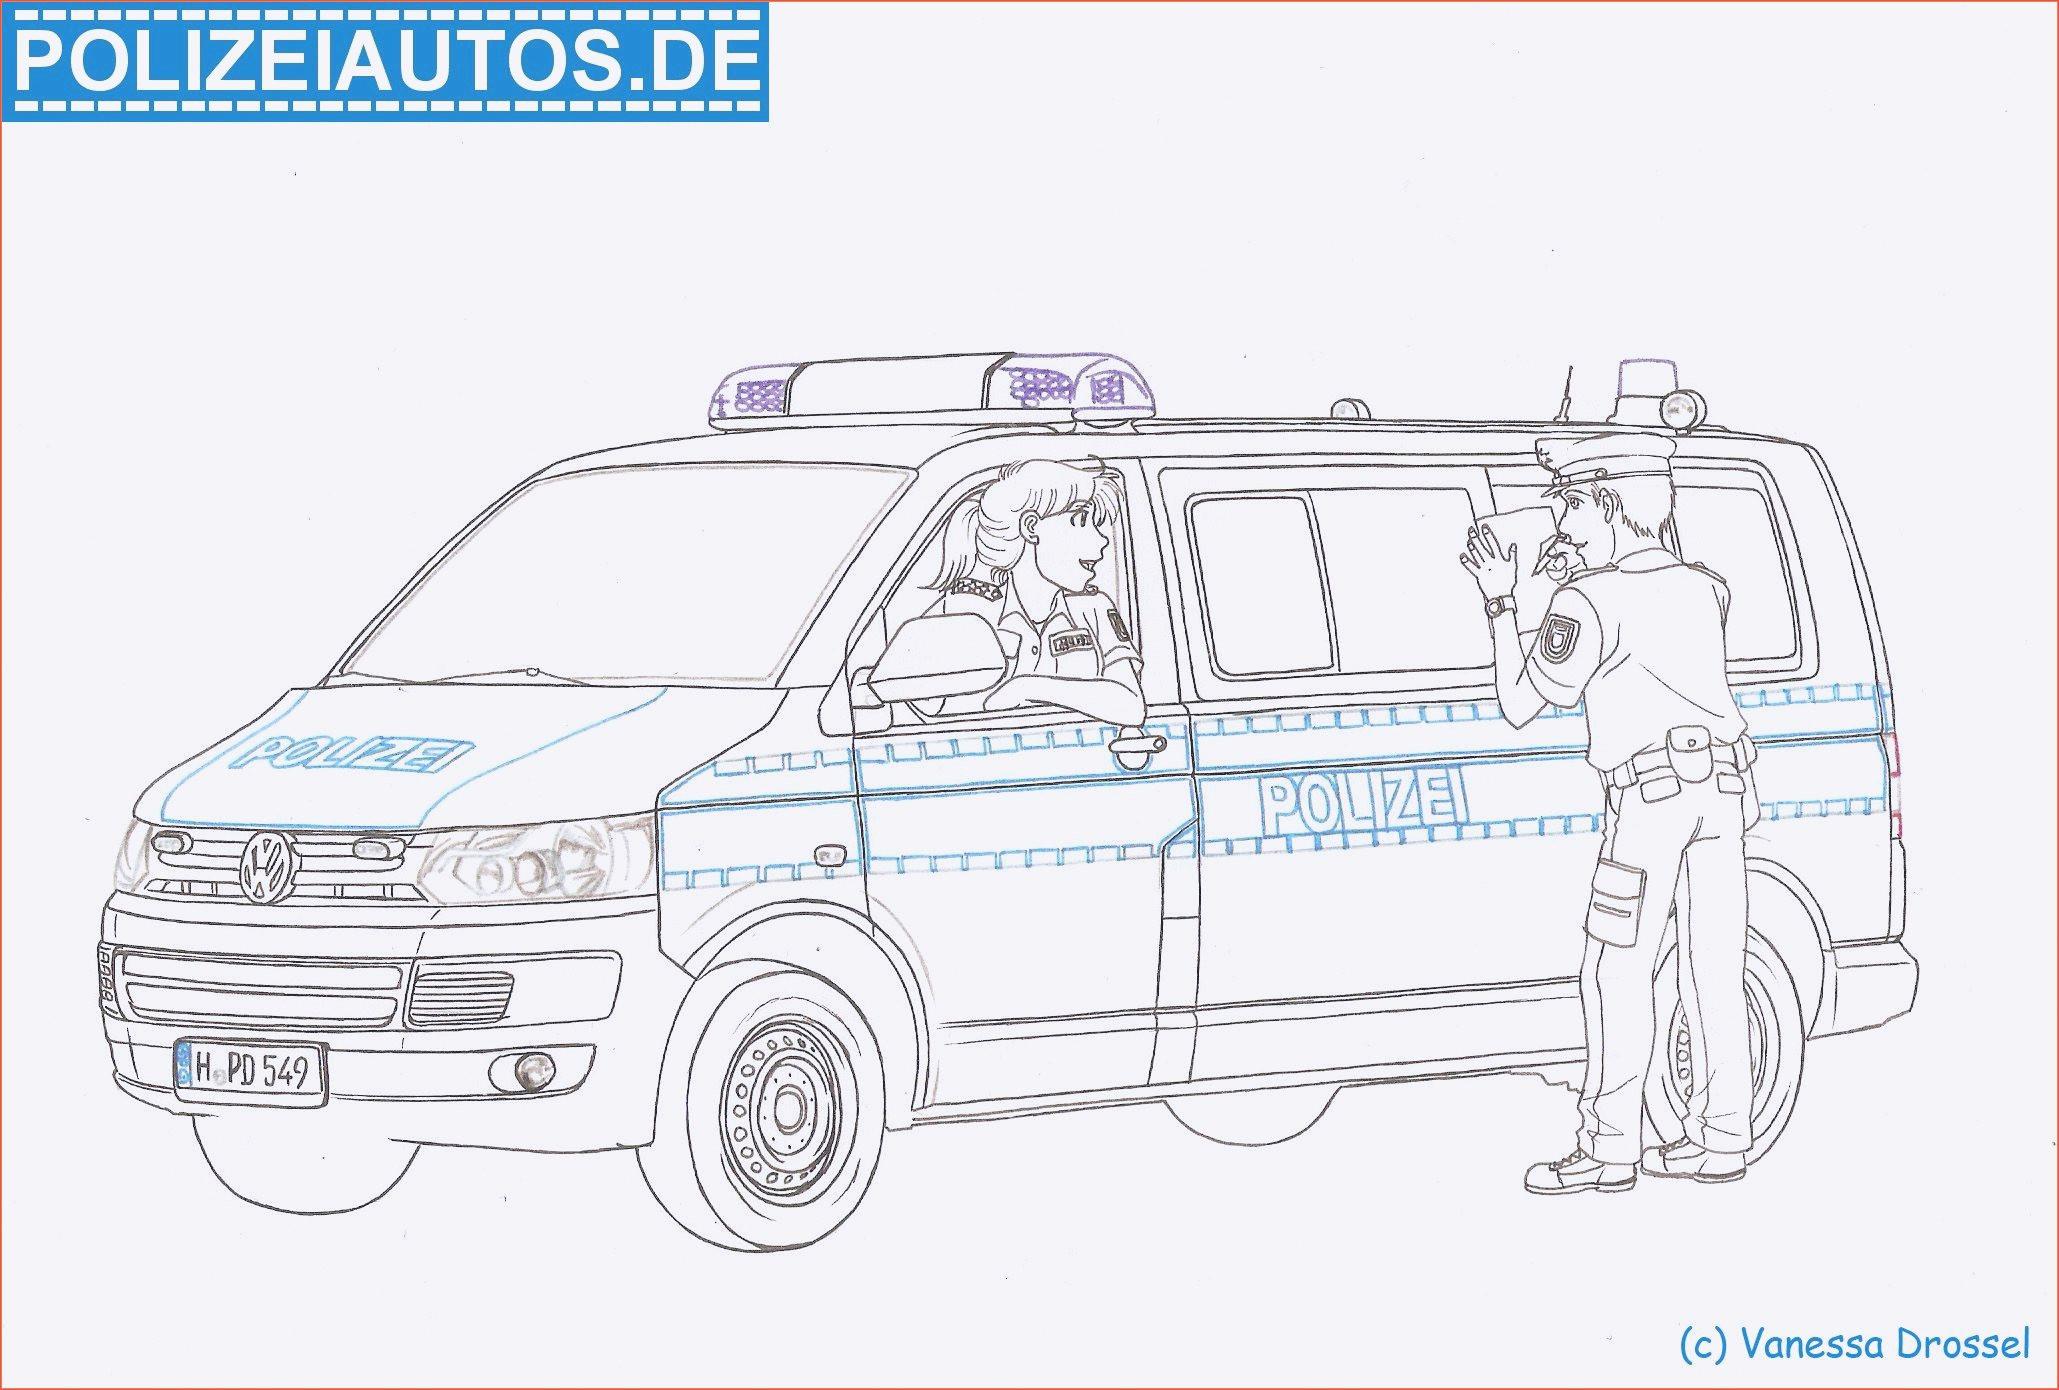 Motorrad Zeichnung Zum Ausmalen Einzigartig Ausmalbilder Polizei Galerie